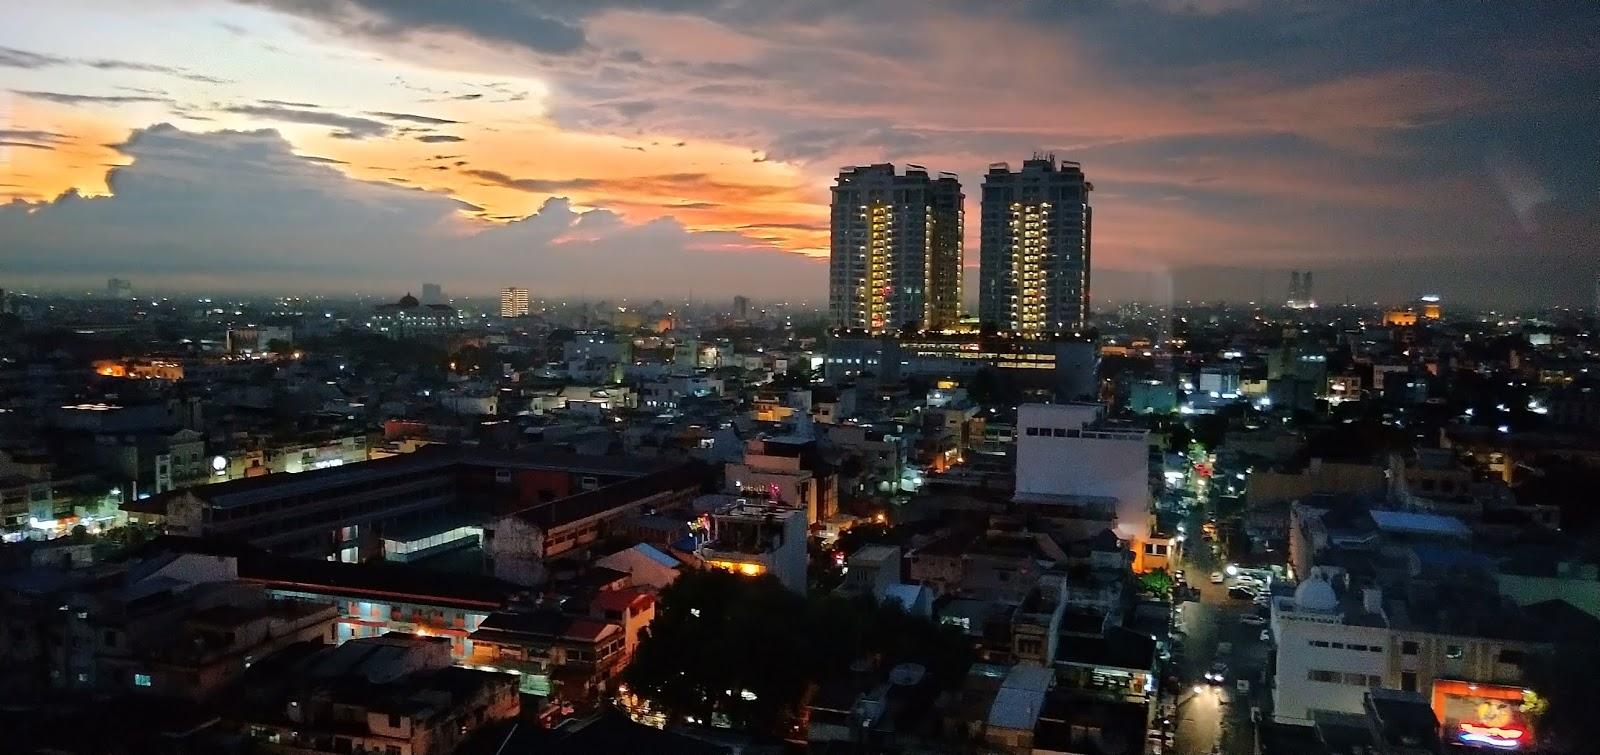 Menjelajahi Objek Kaya Unsur Historis Di Kota Medan Catatan Pencerahan